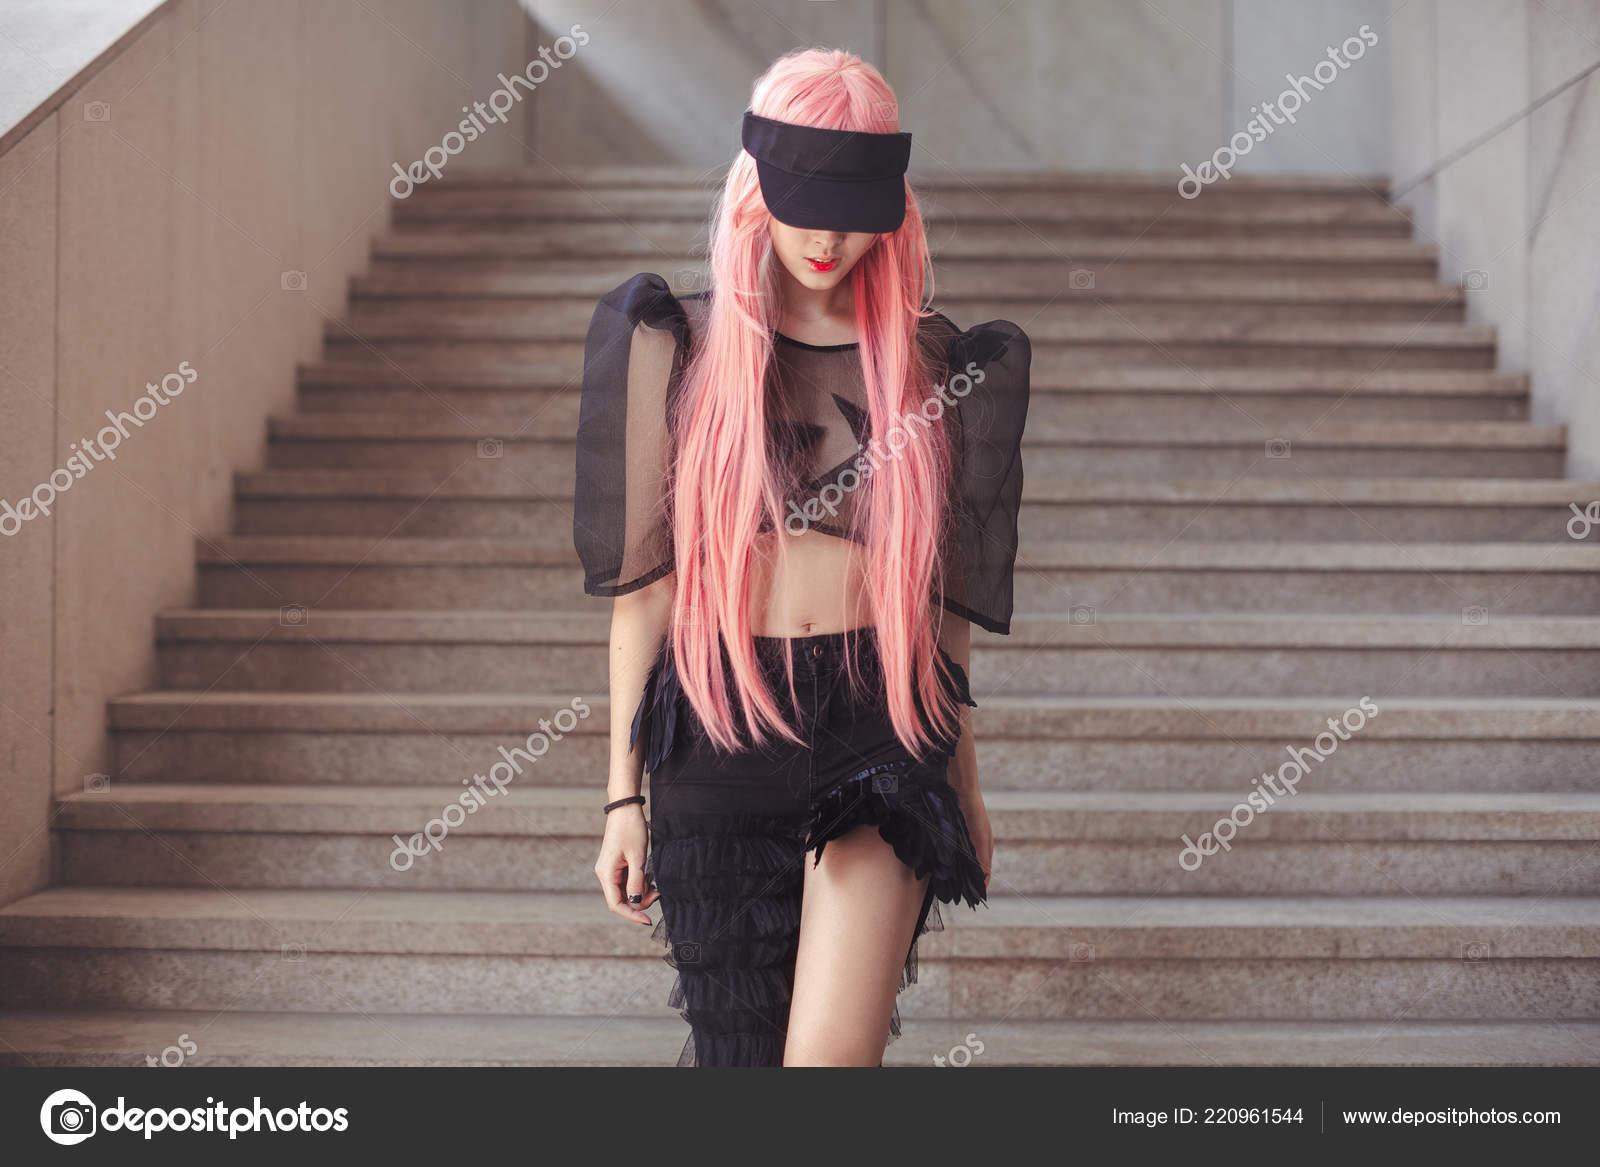 703e756646 Japán anime cosplay. Színes portré fiatal vonzó ázsiai nő kreatív smink és  visel szexi ruha Rózsaszín paróka szabadban. Trendi japán lány sétált kívül  város ...